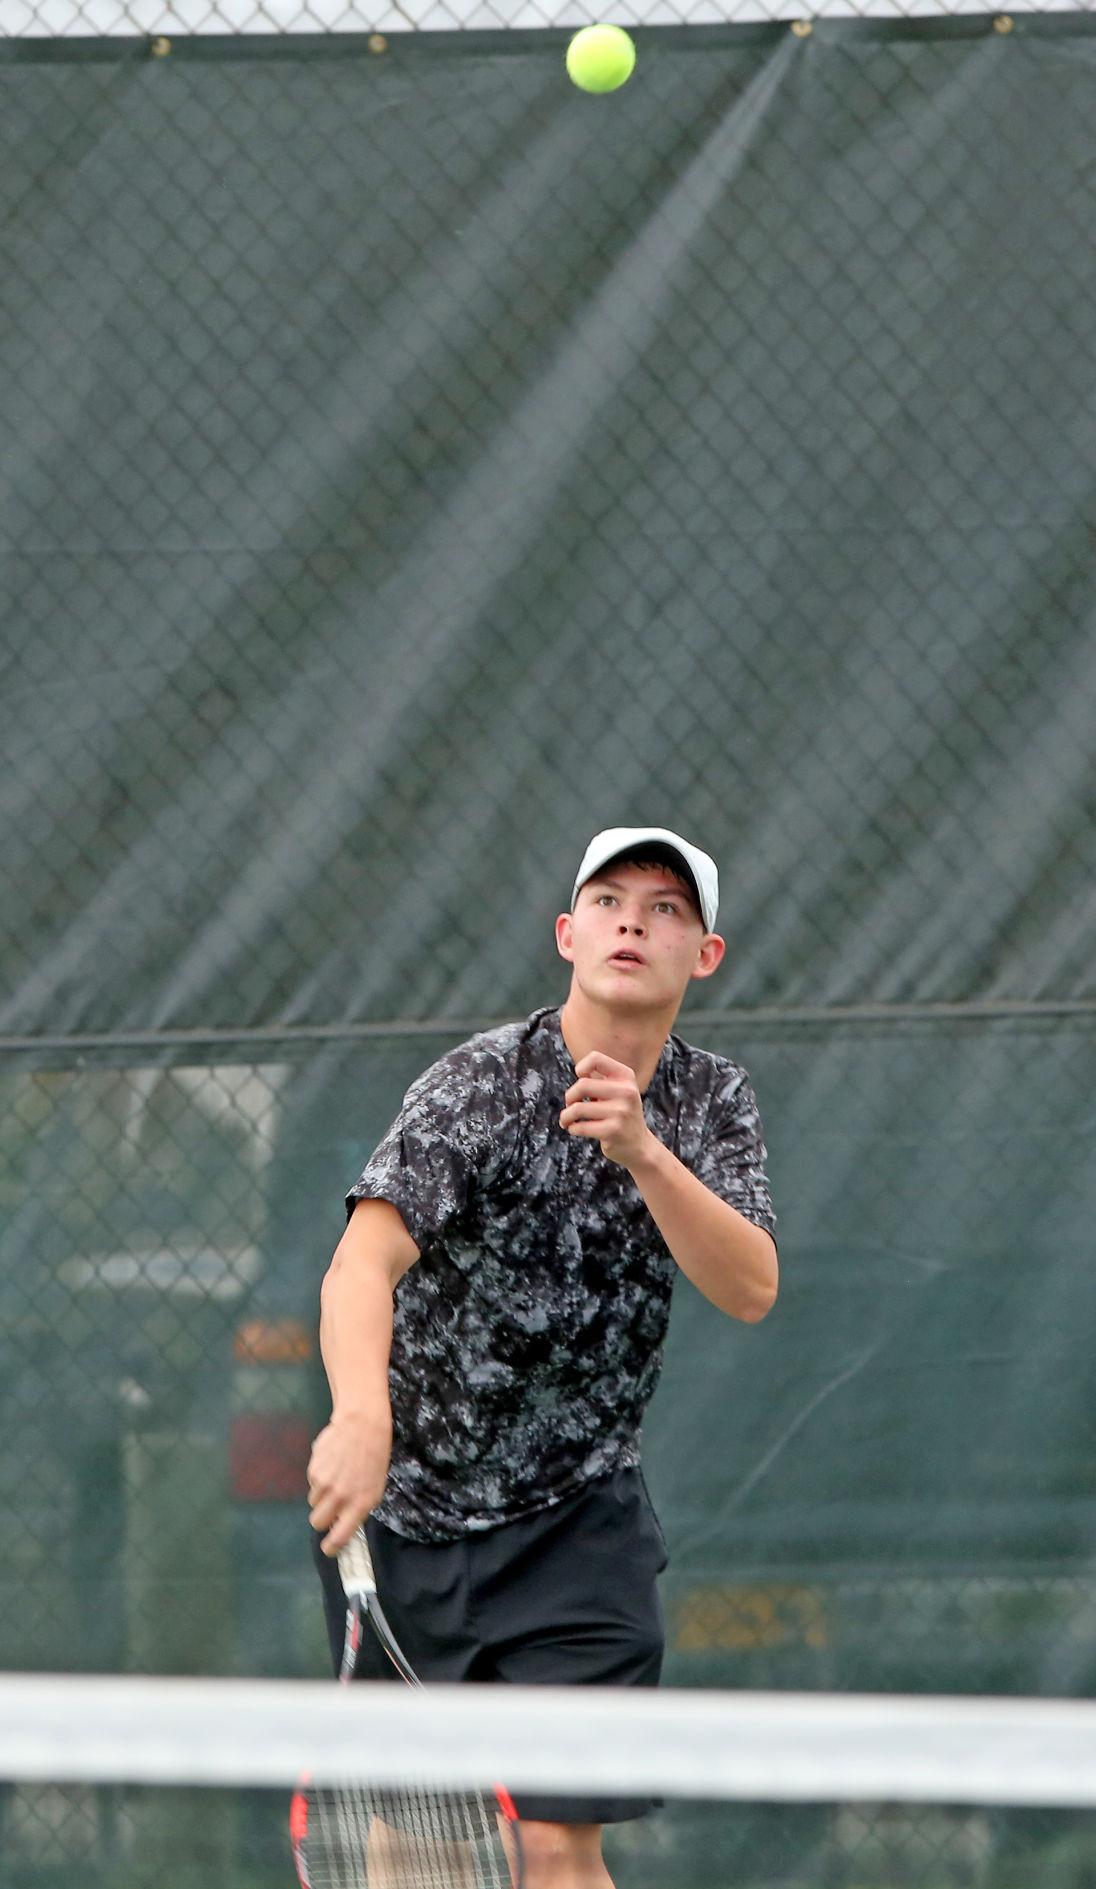 Hutchison tennis